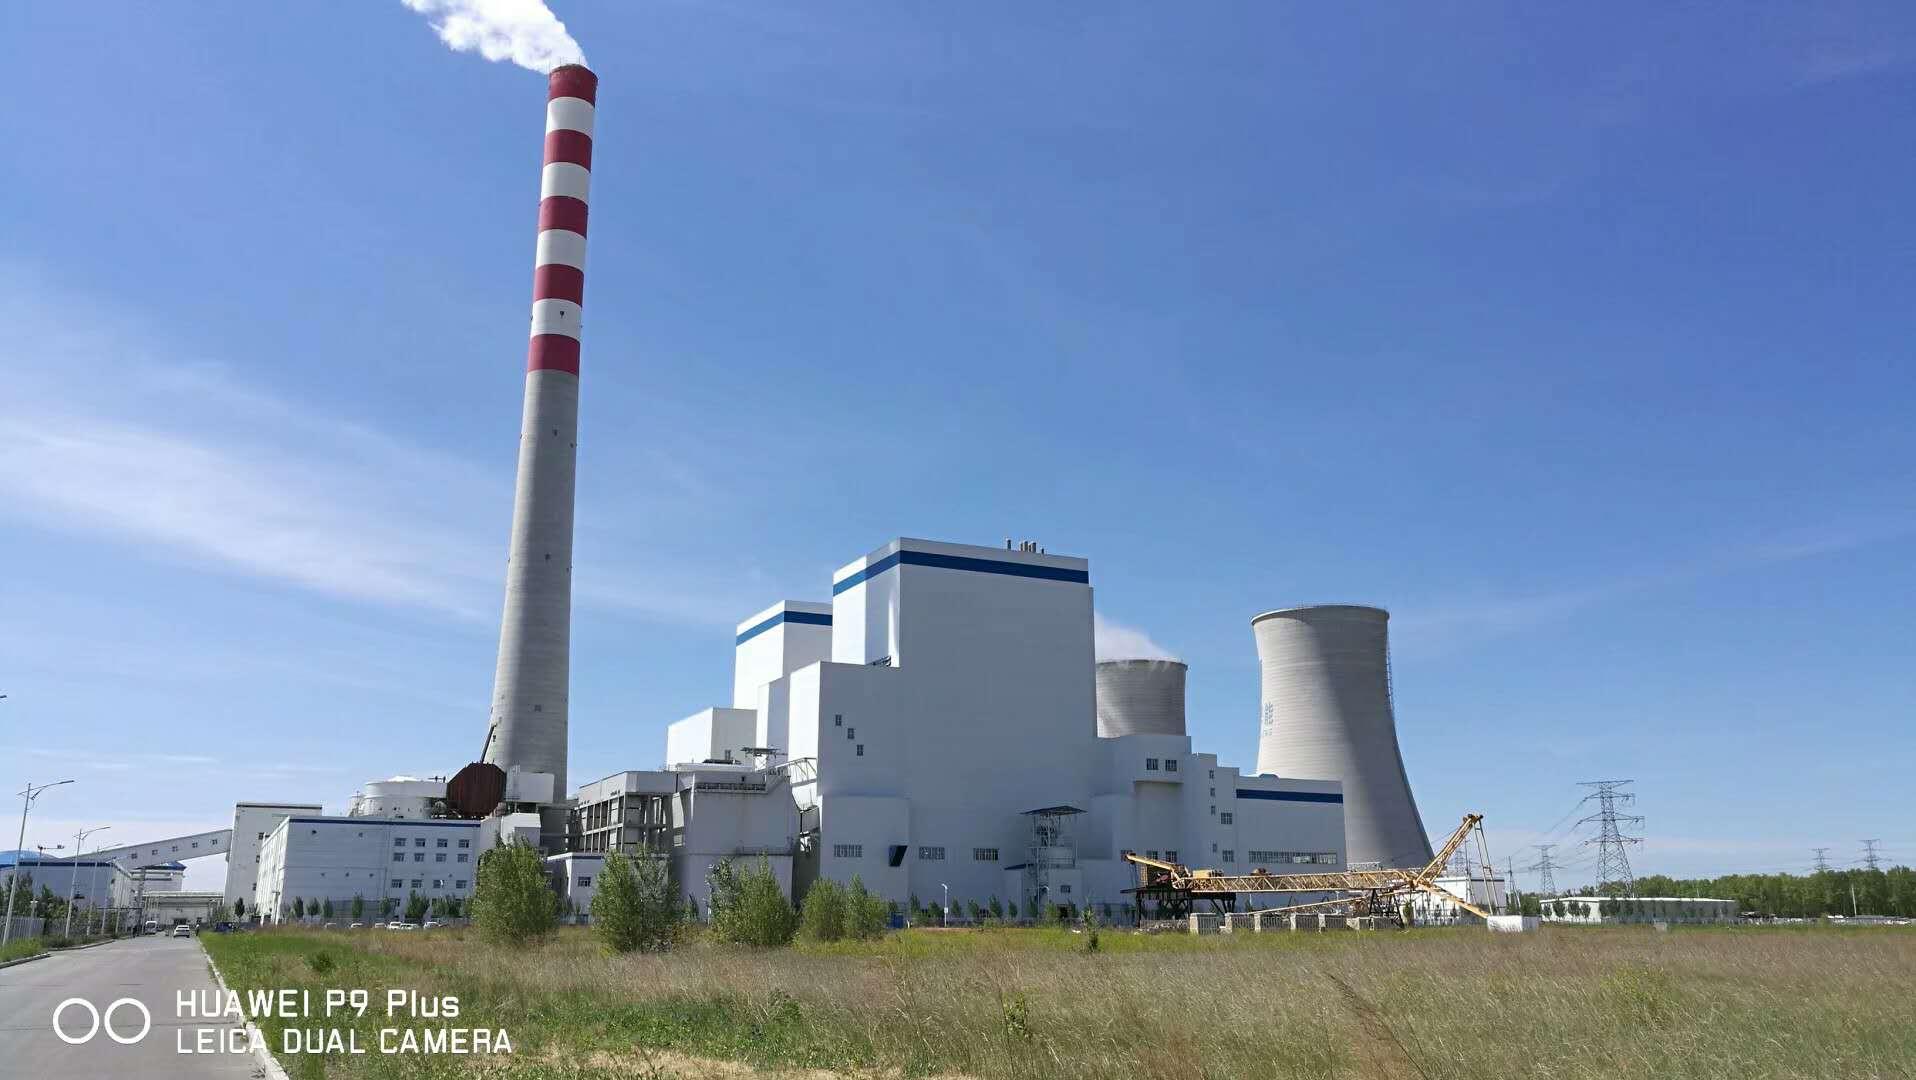 阿米纳彩板应用于电厂1